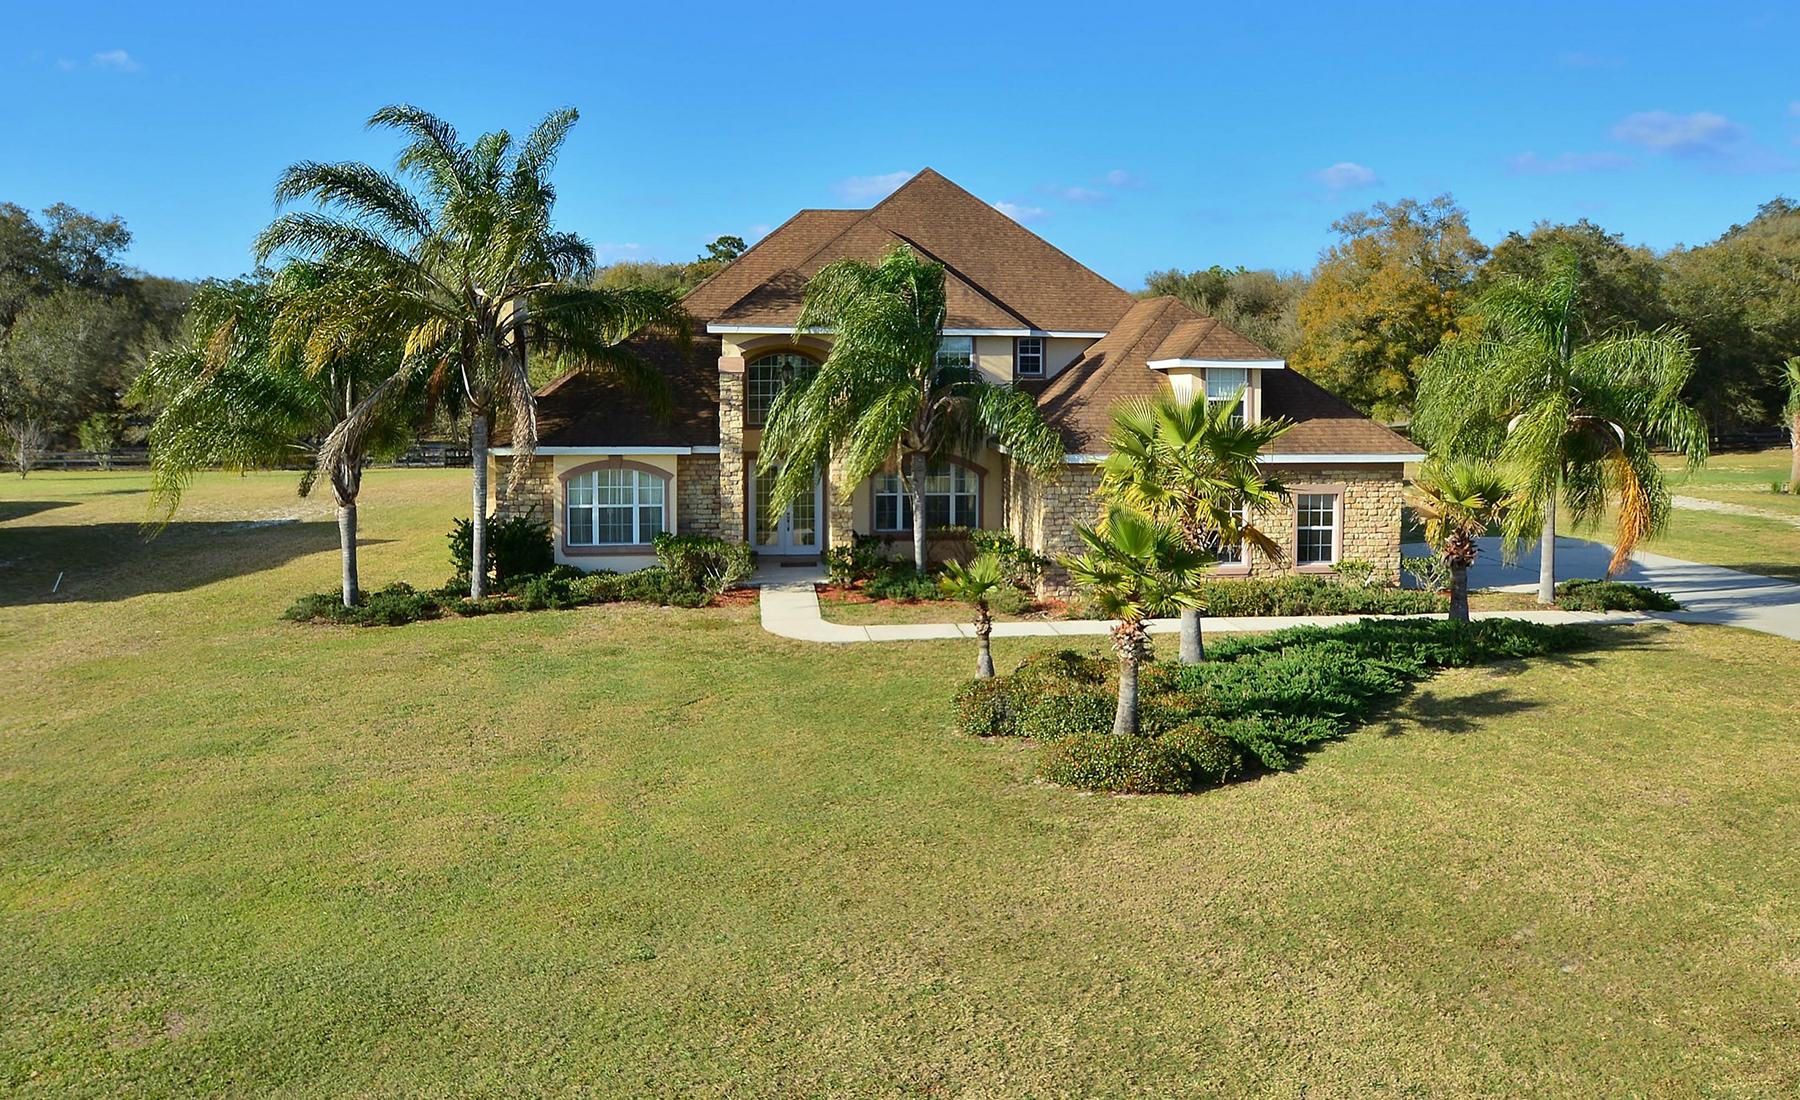 Tek Ailelik Ev için Satış at ORLANDO - DELAND 1421 Shady Meadow Ln Deland, Florida, 32724 Amerika Birleşik Devletleri